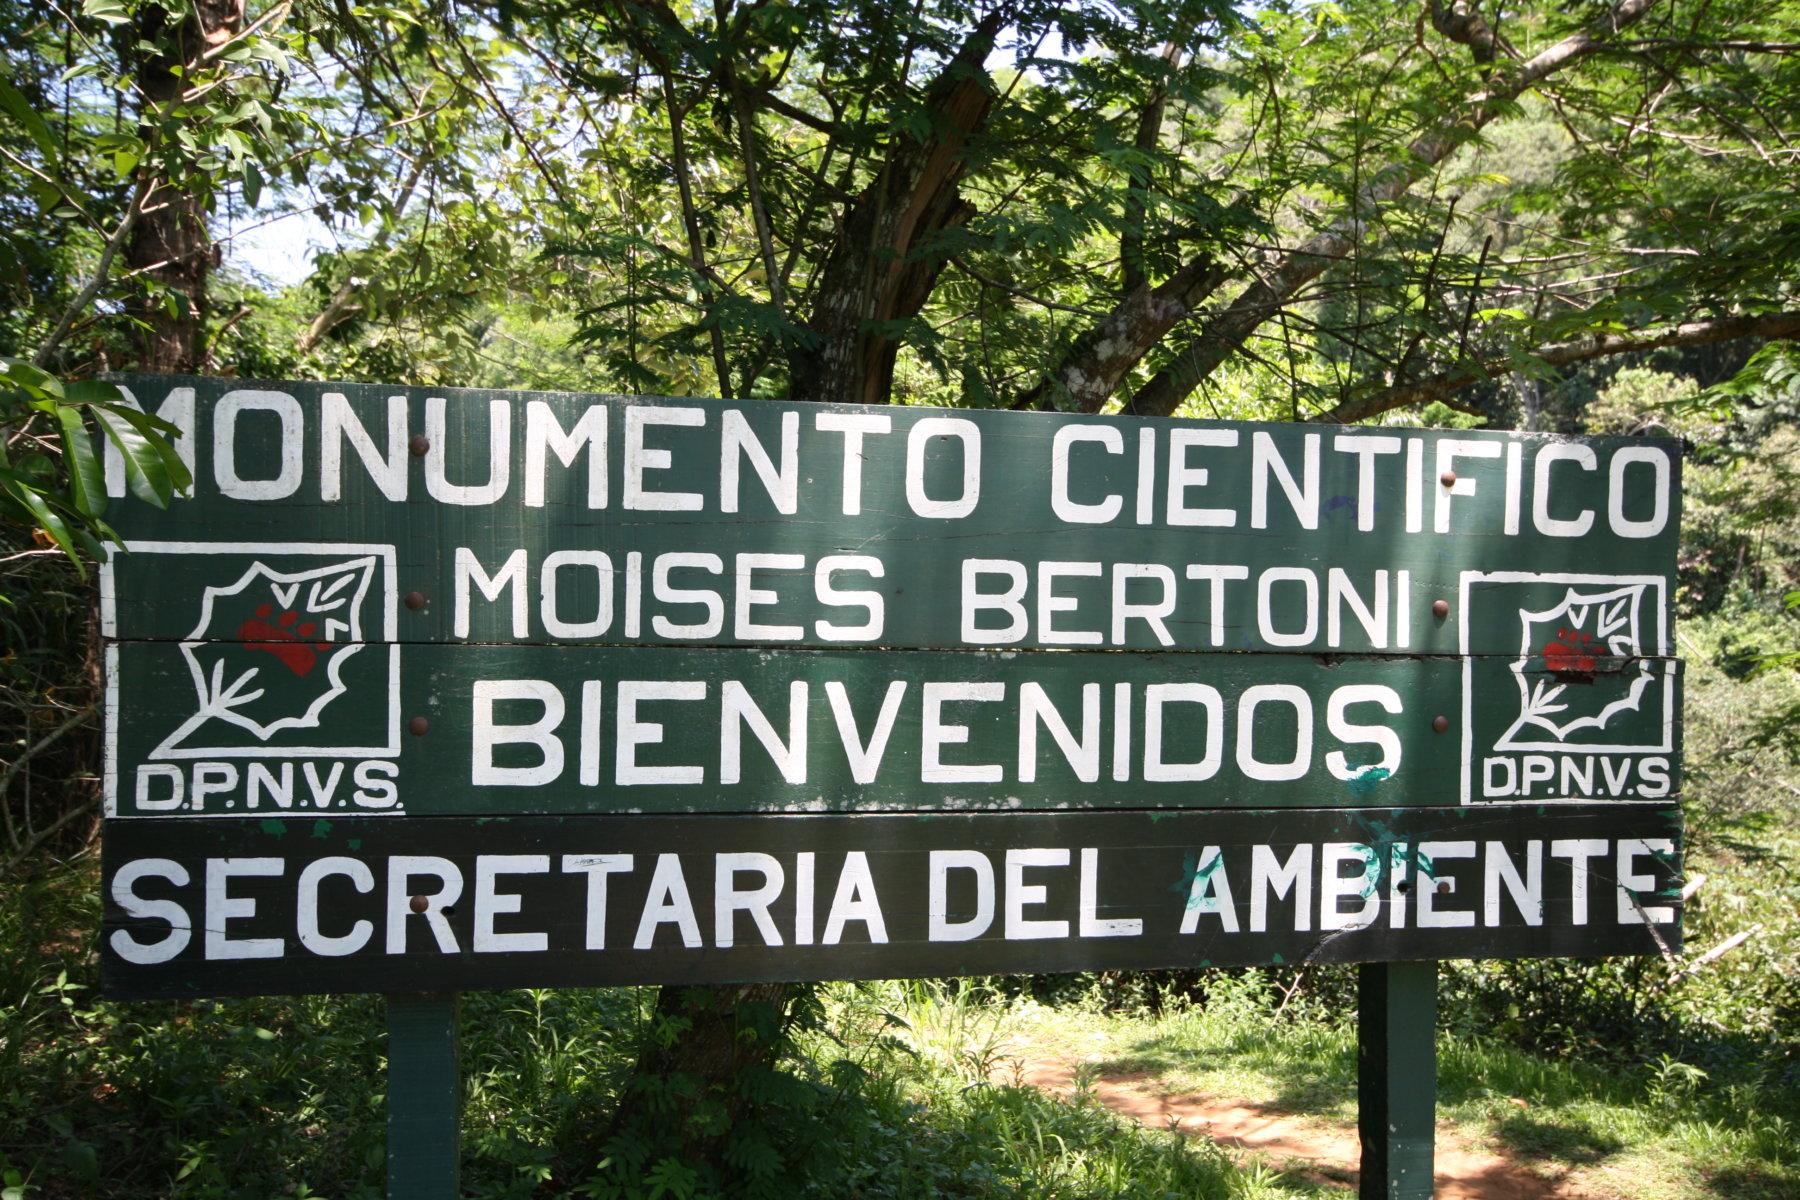 Monumento Científico Moisés Bertoni, ubicado a orillas del Río Paraná, en el Departamento de Alto Paraná, Distrito de Presidente Franco-Paraguay.